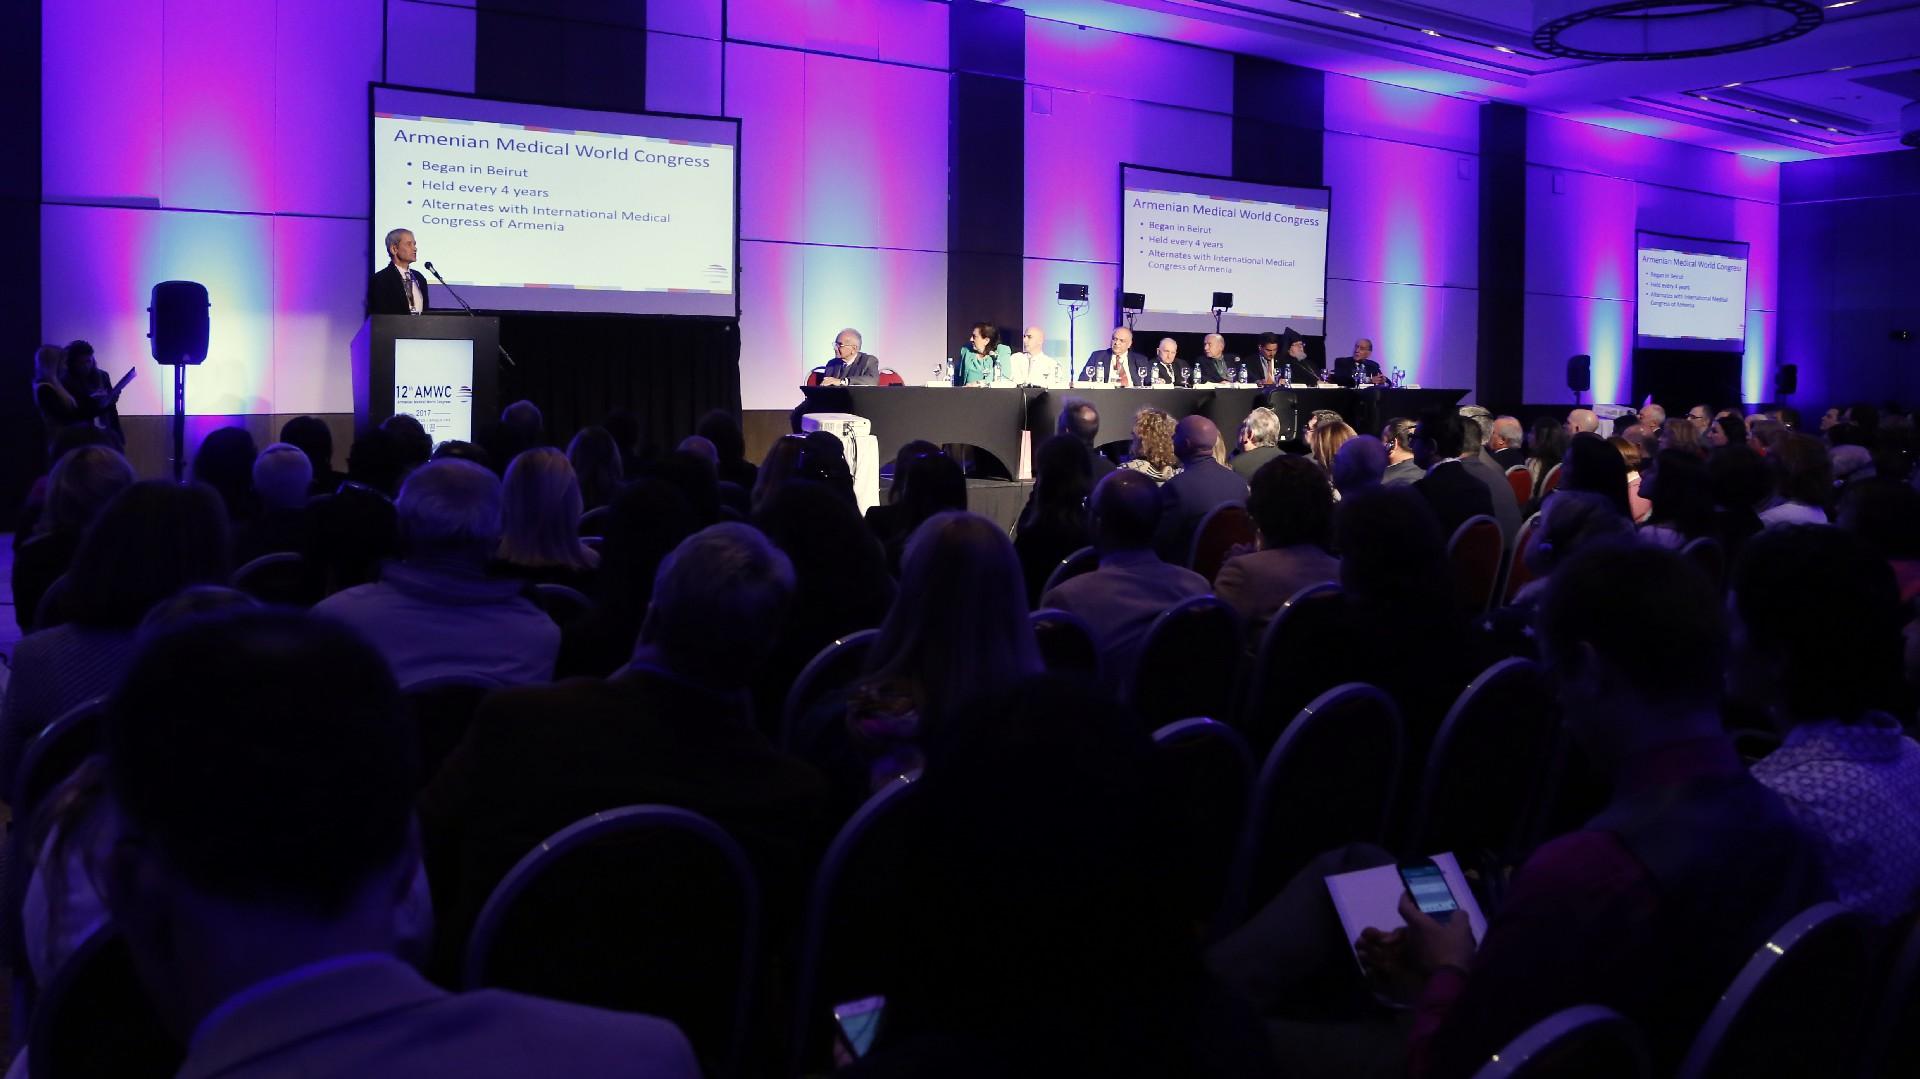 El Hotel Hilton de Buenos Aires hospedó, a sala llena, la gala de apertura del prestigioso congreso de salud